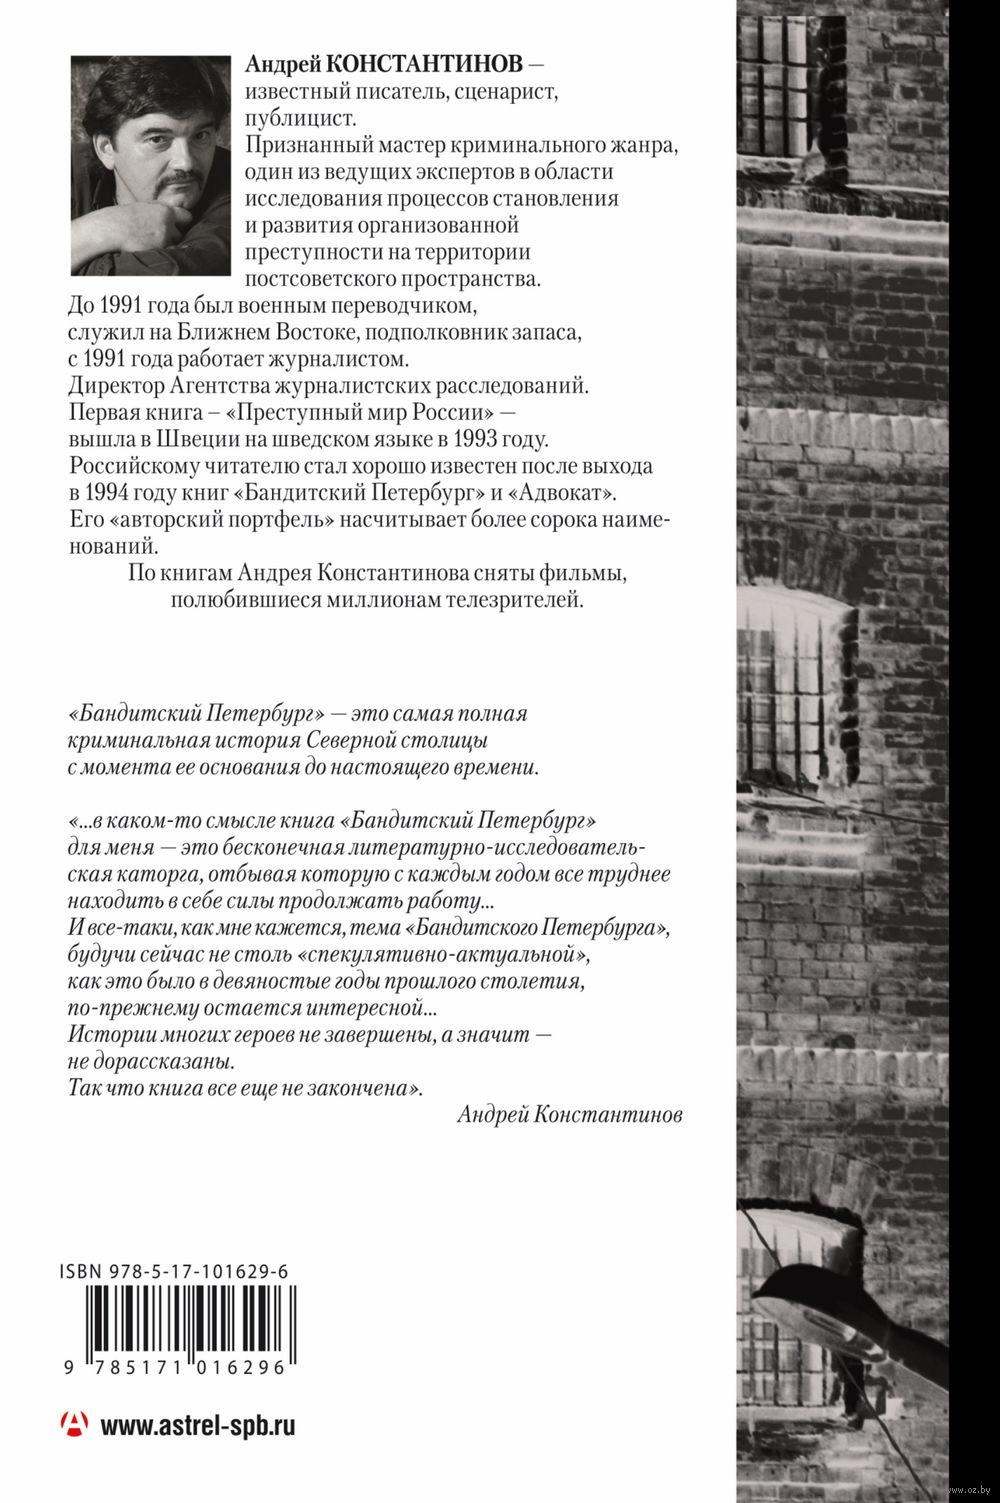 БАНДИТСКИЙ ПЕТЕРБУРГ КНИГА КОНСТАНТИНОВА СКАЧАТЬ БЕСПЛАТНО